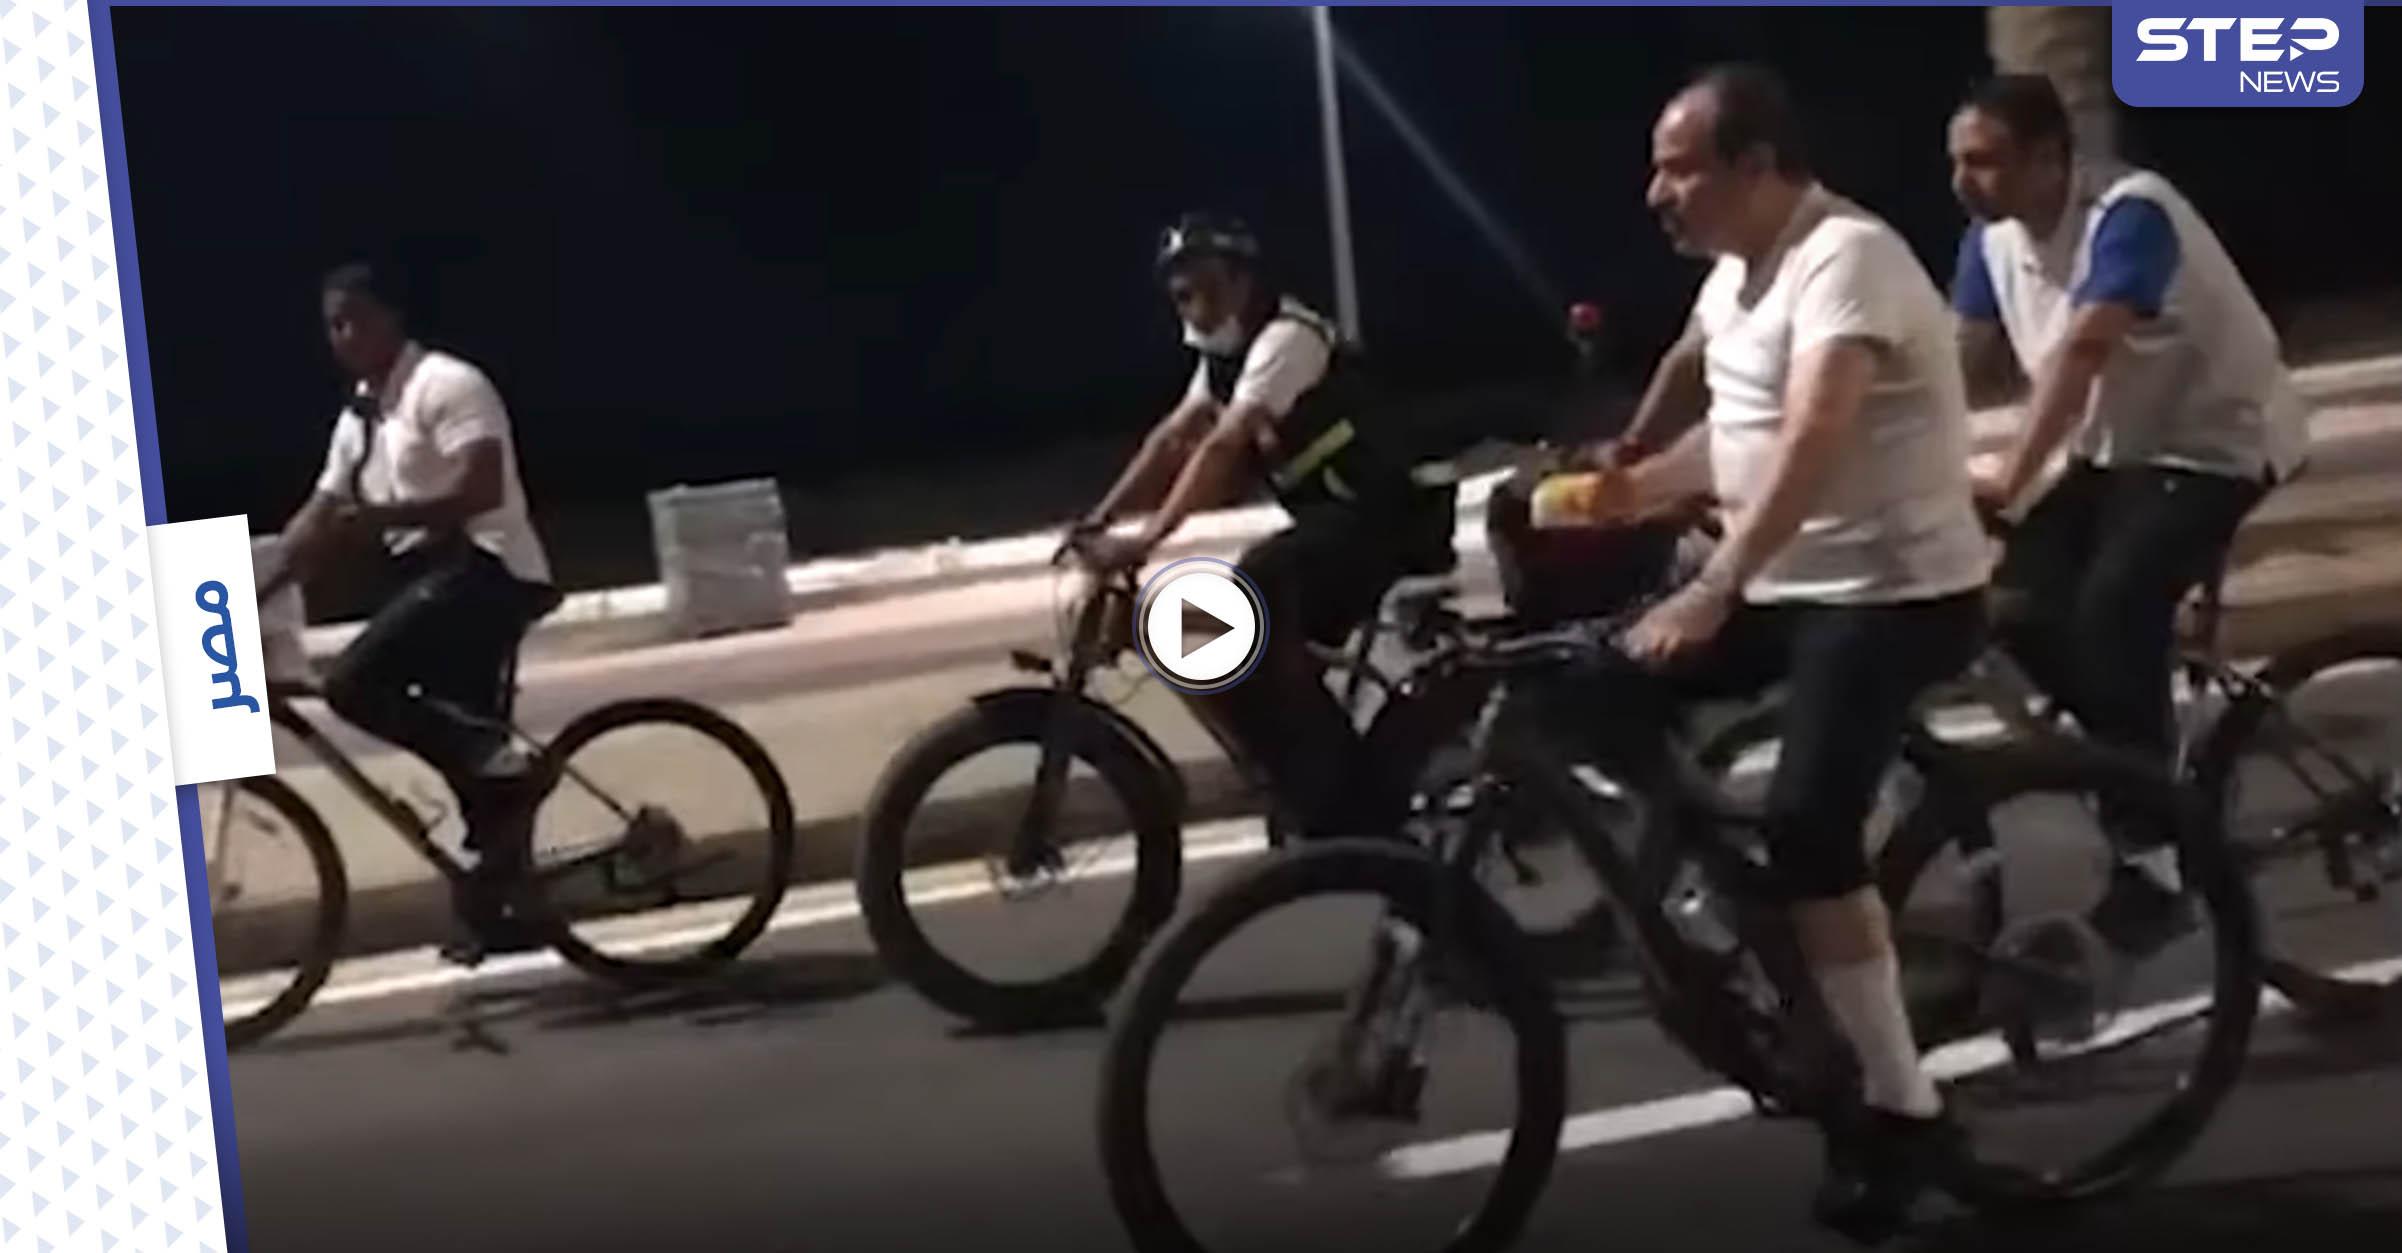 بالفيديو|| السيسي يتجول فجراً على دراجة هوائية ويمازح مجنداً من حراسه